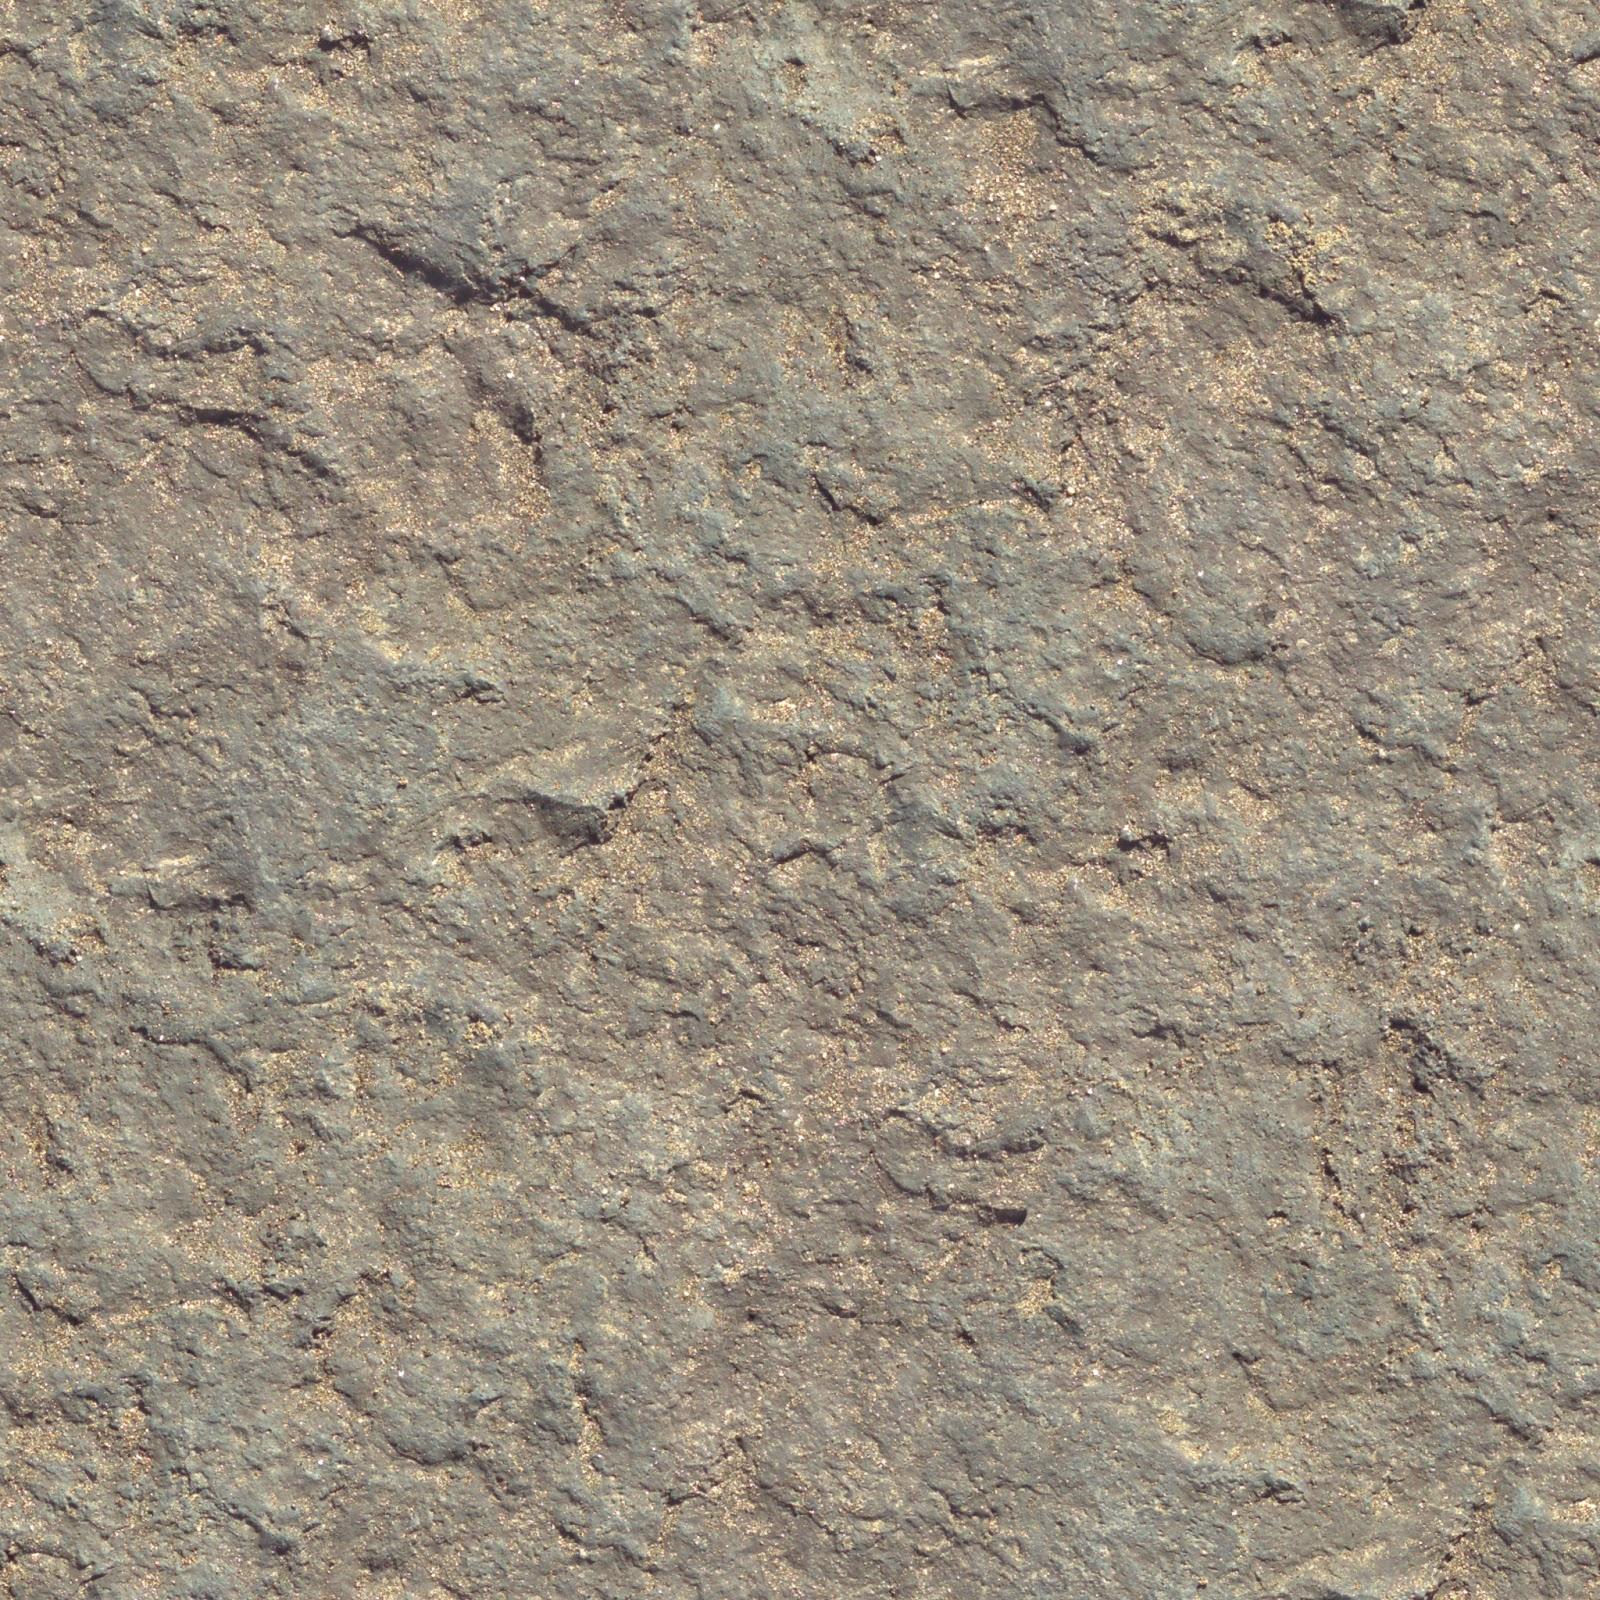 Desert Rock Texture Seamless